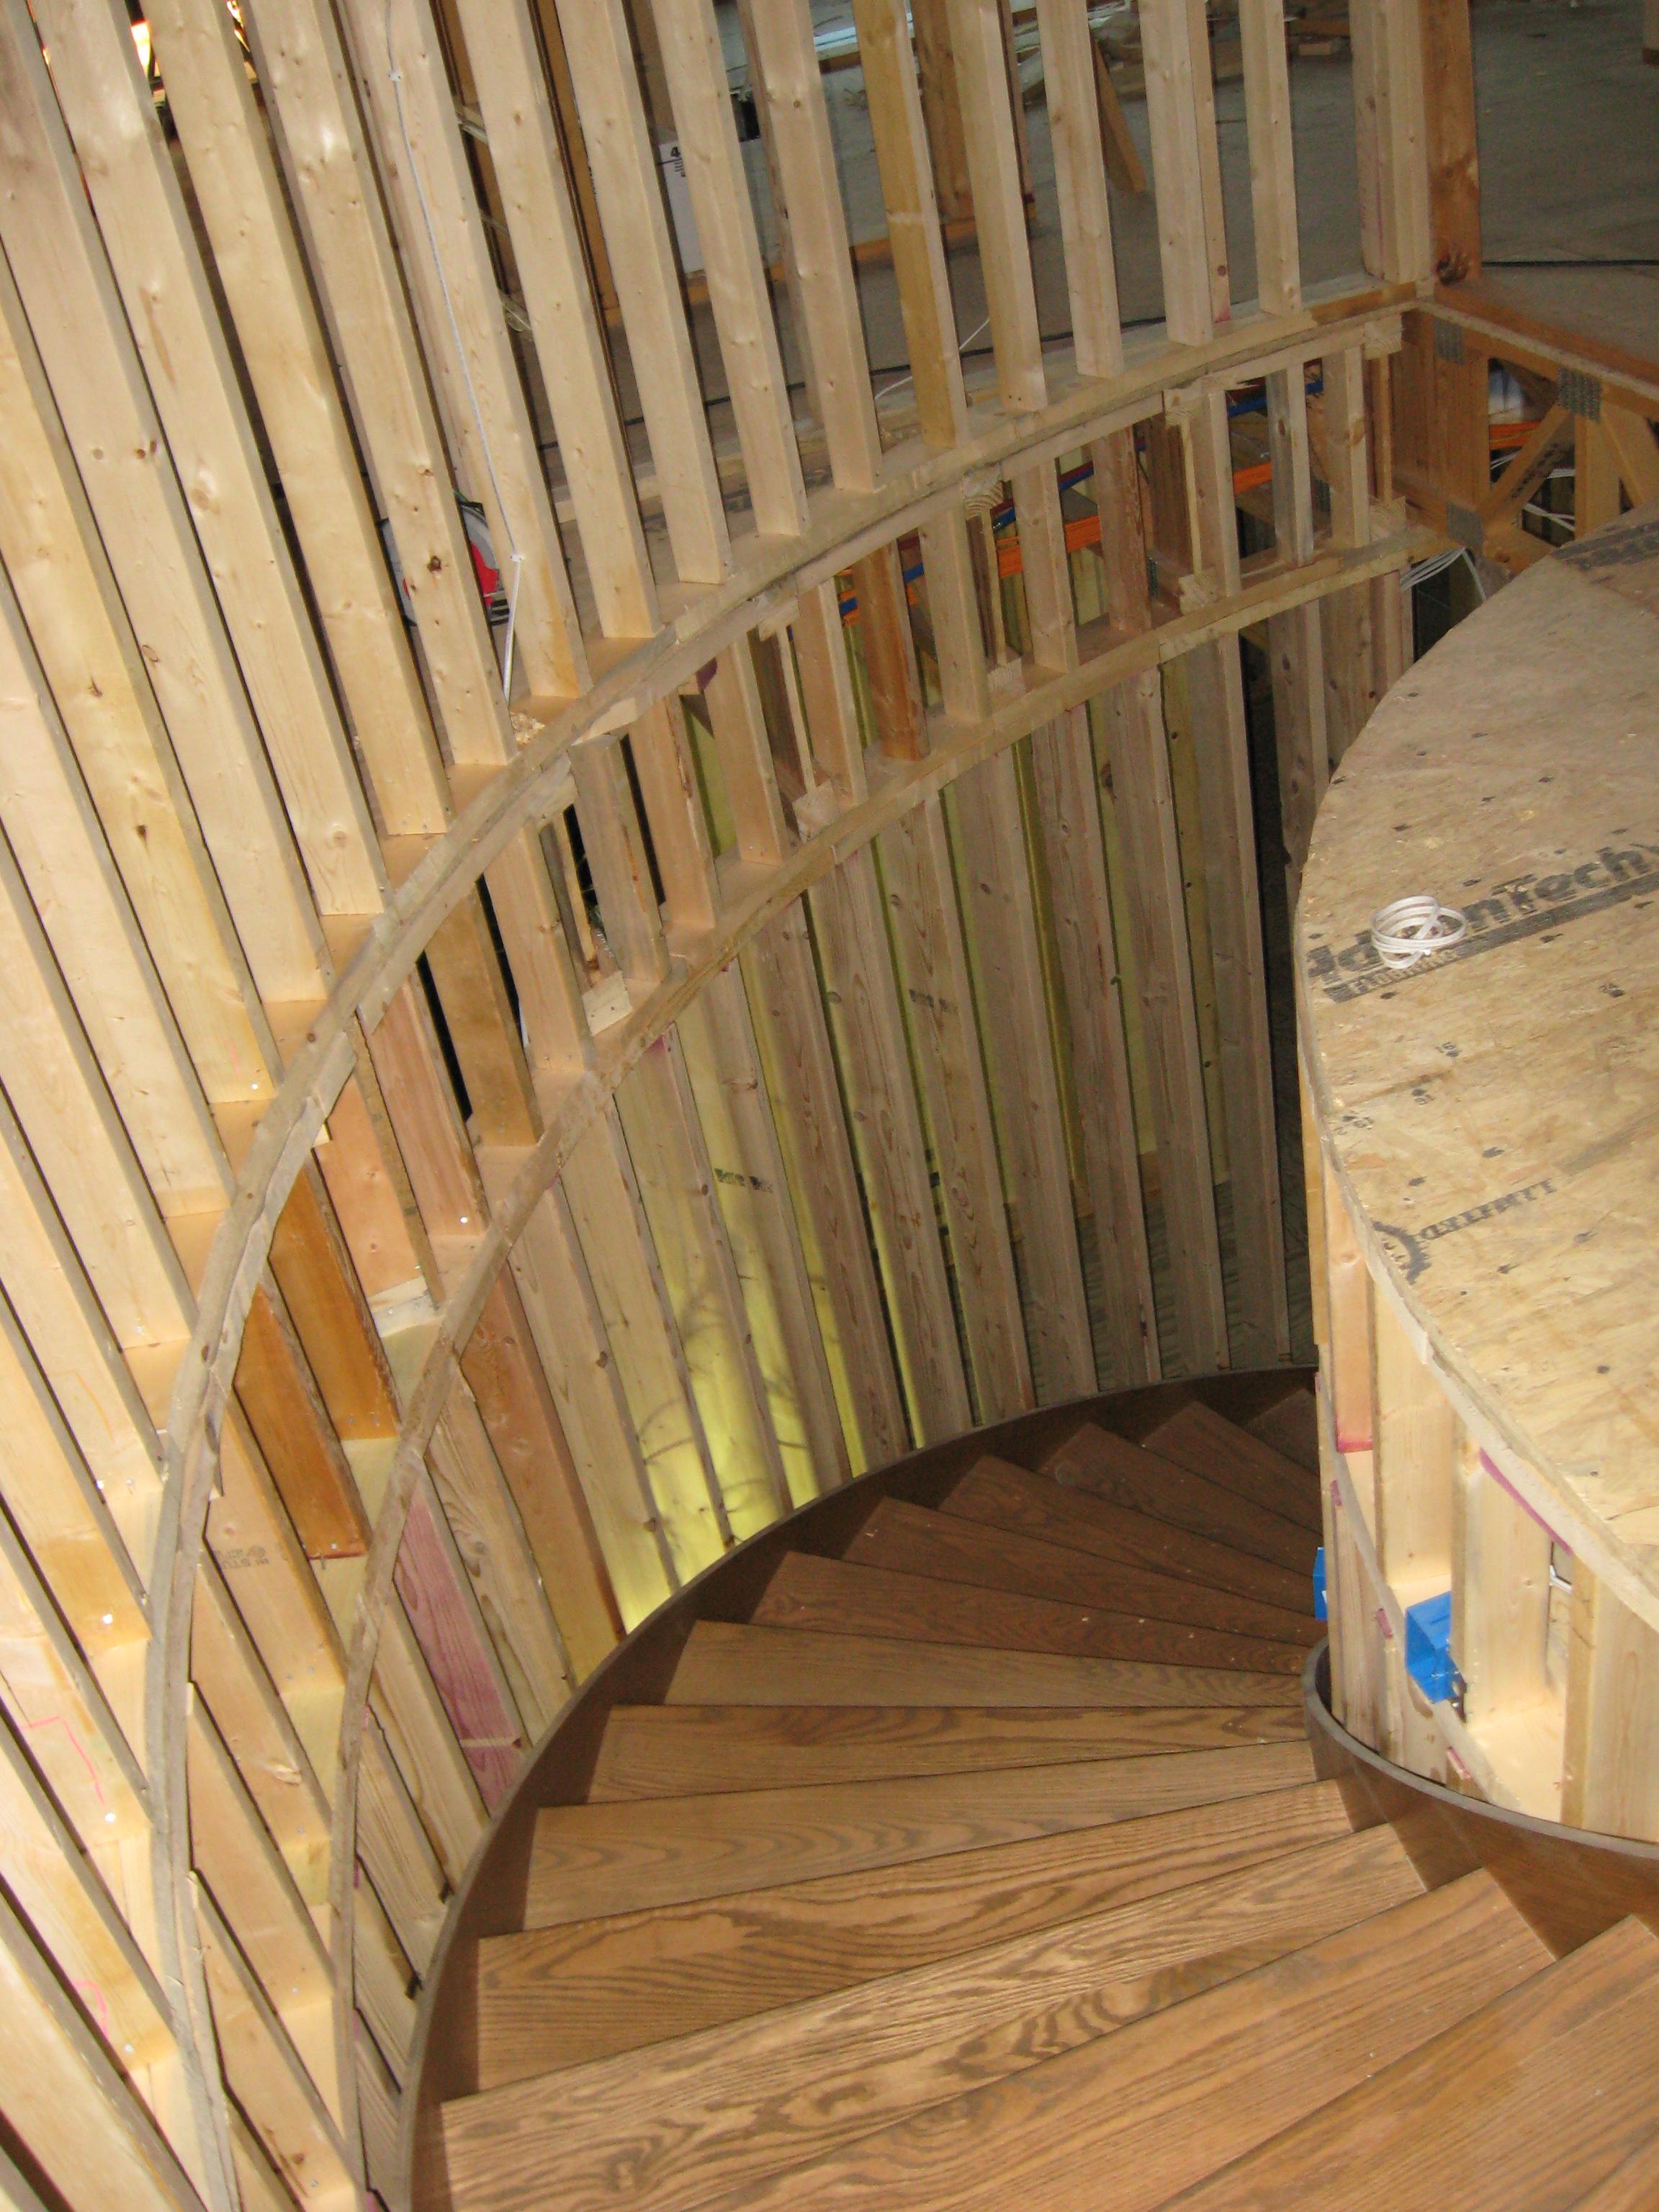 08-28-08 Curved Stairway.jpg